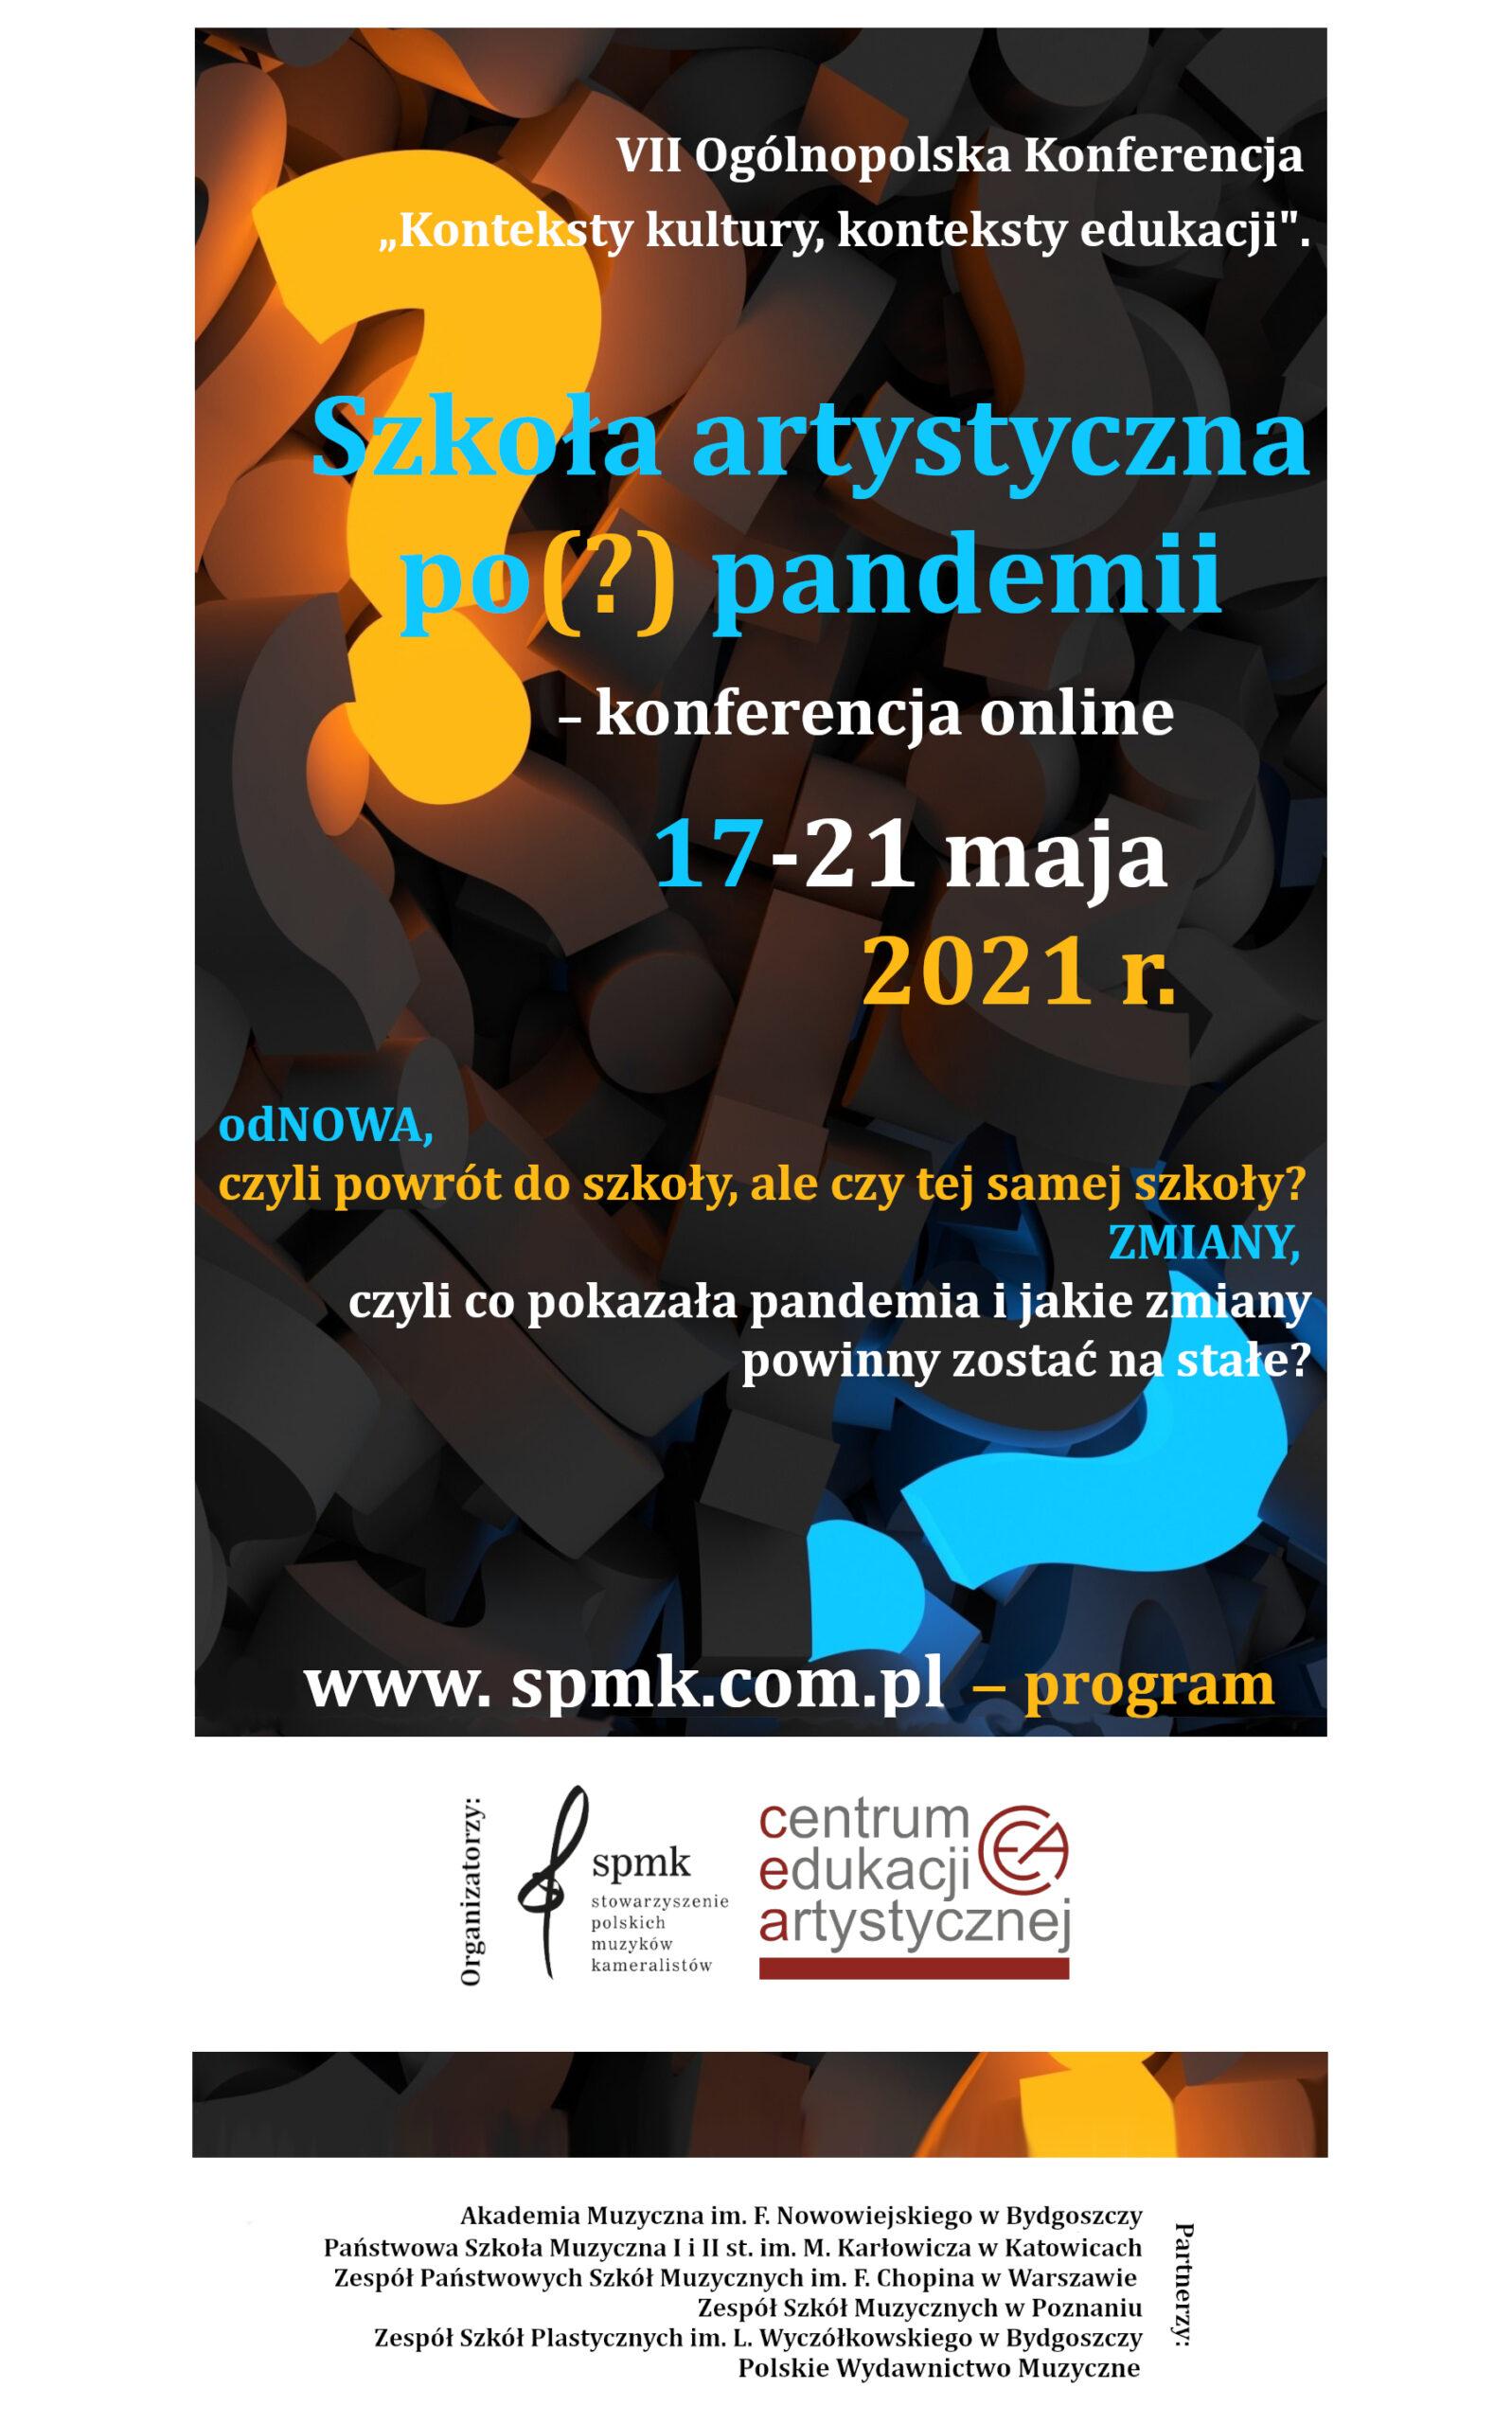 Konteksty kultury, konteksty edukacji. Szkoła artystyczna po (?) pandemii – konferencja online, 17-21 maja 2021